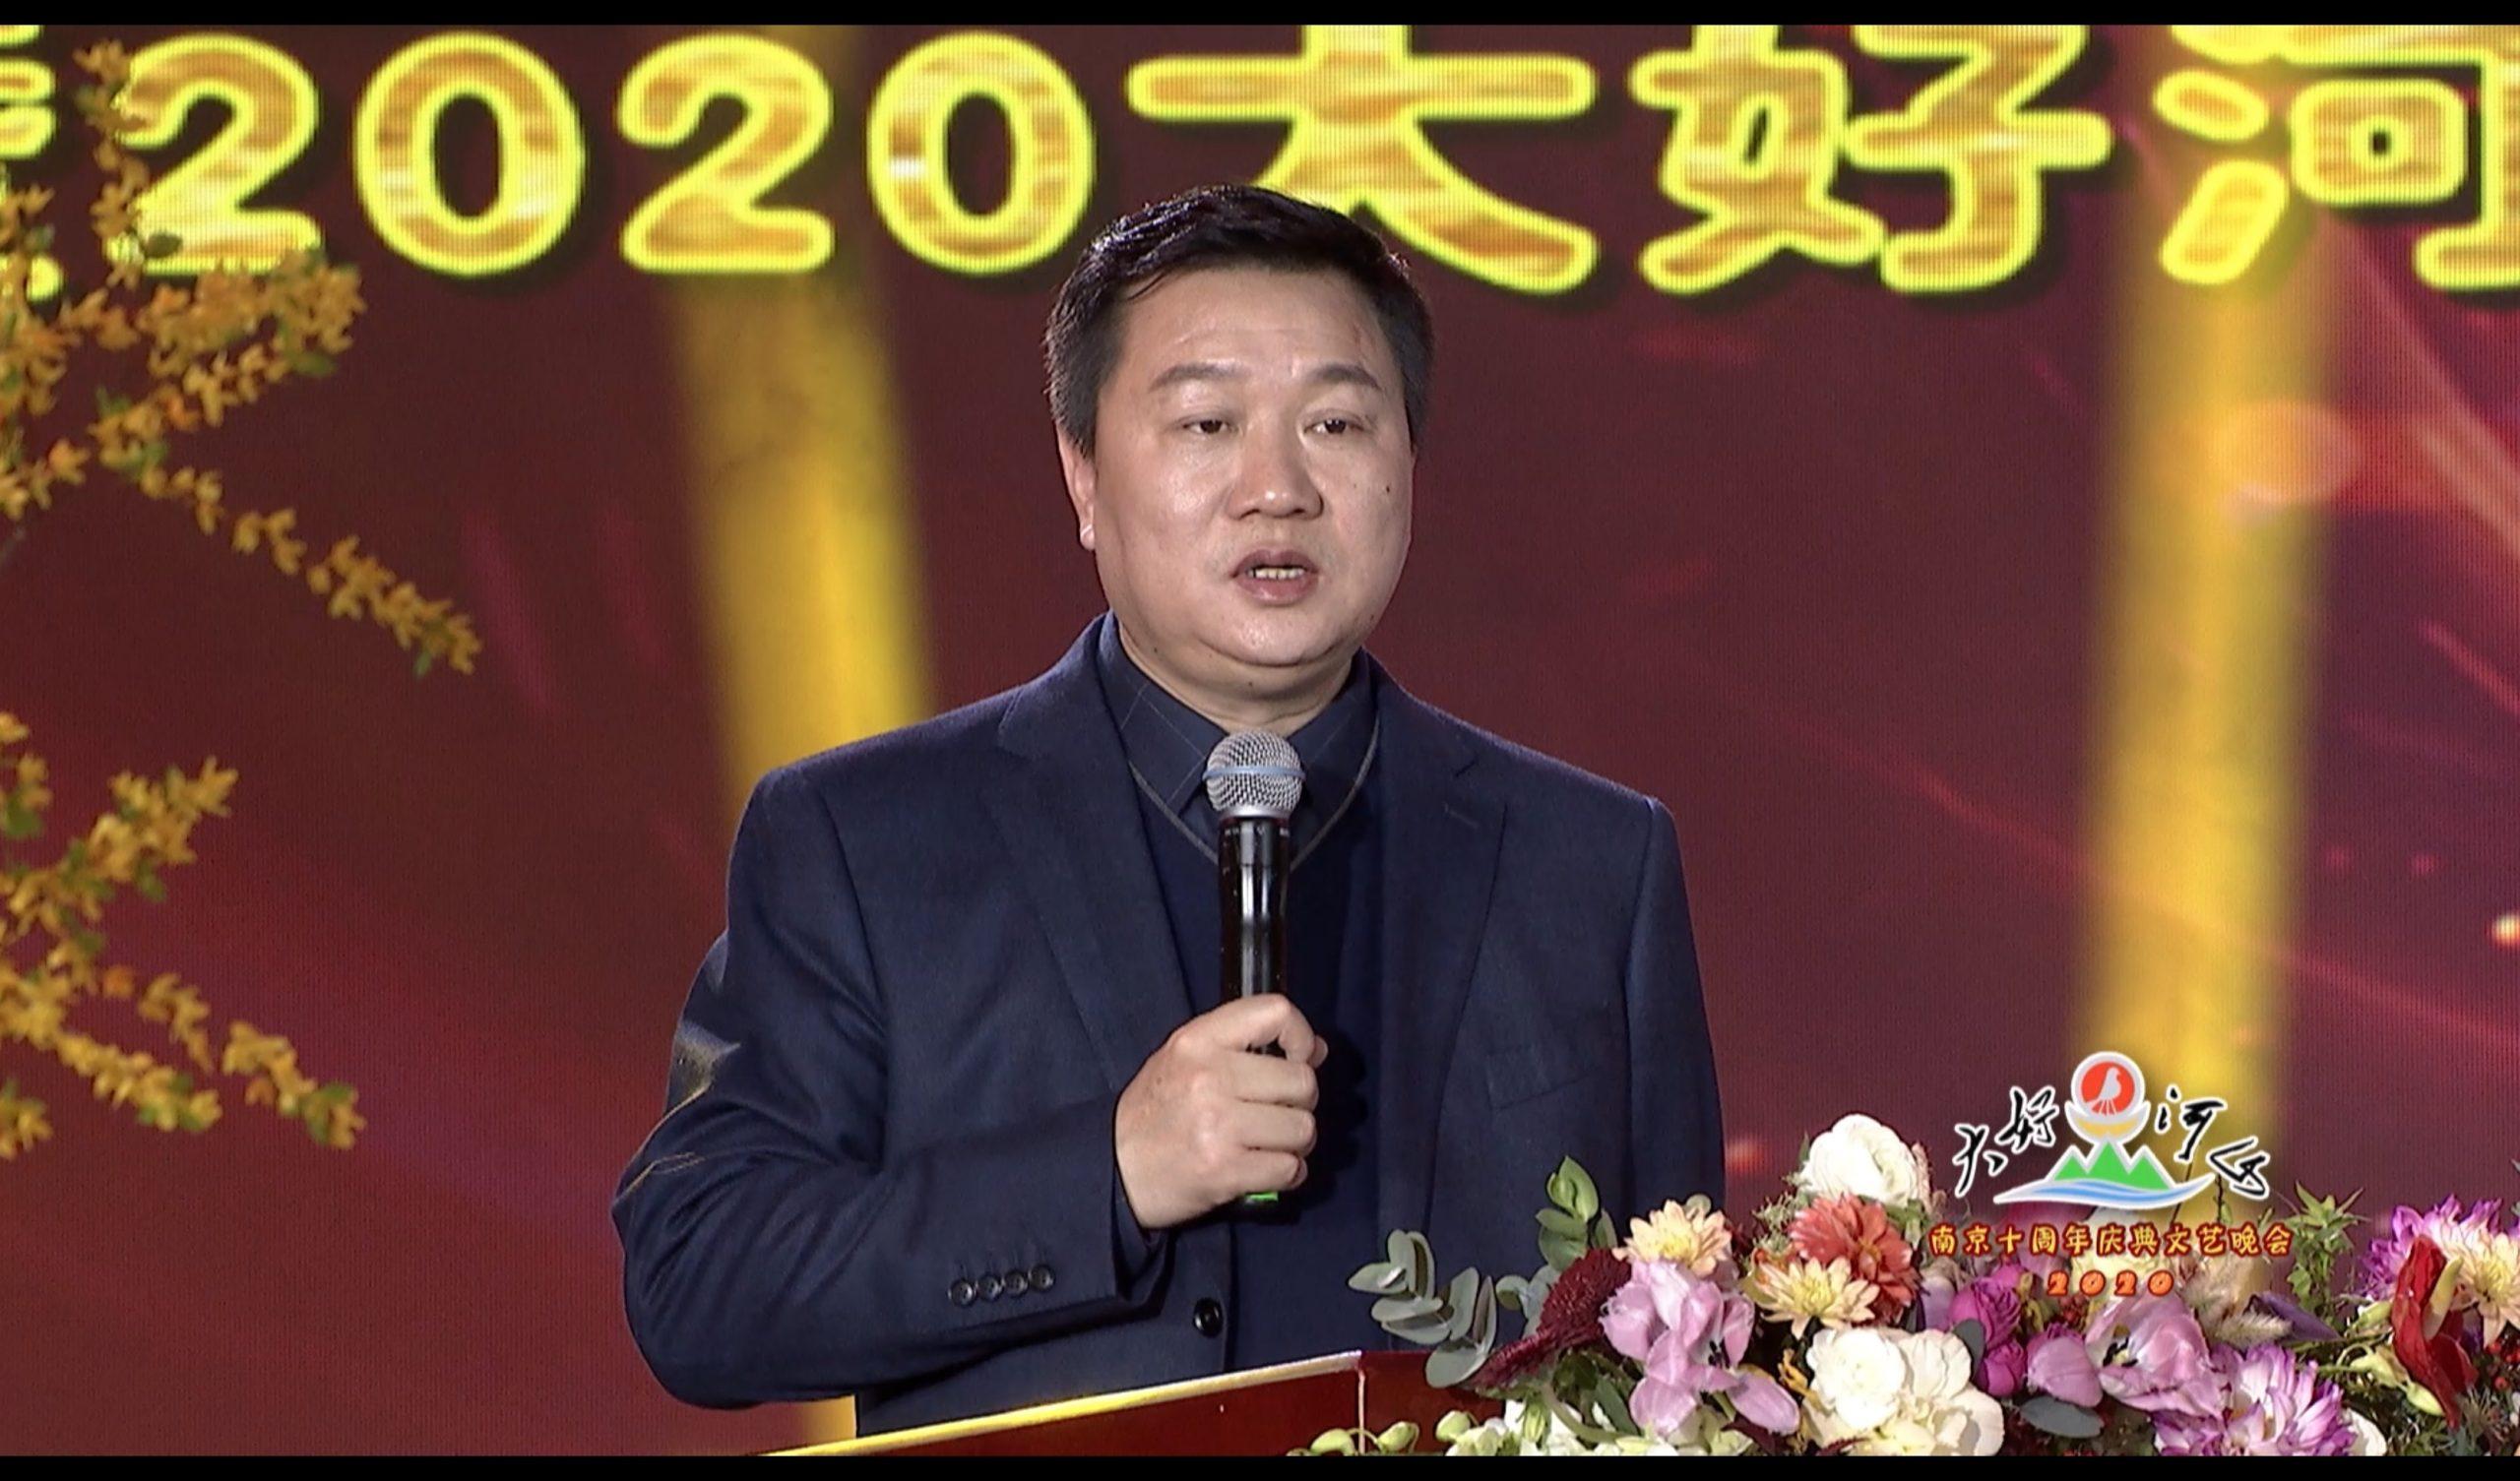 2020大好河山南京十周年庆典公益晚会 黄国林董事长致辞